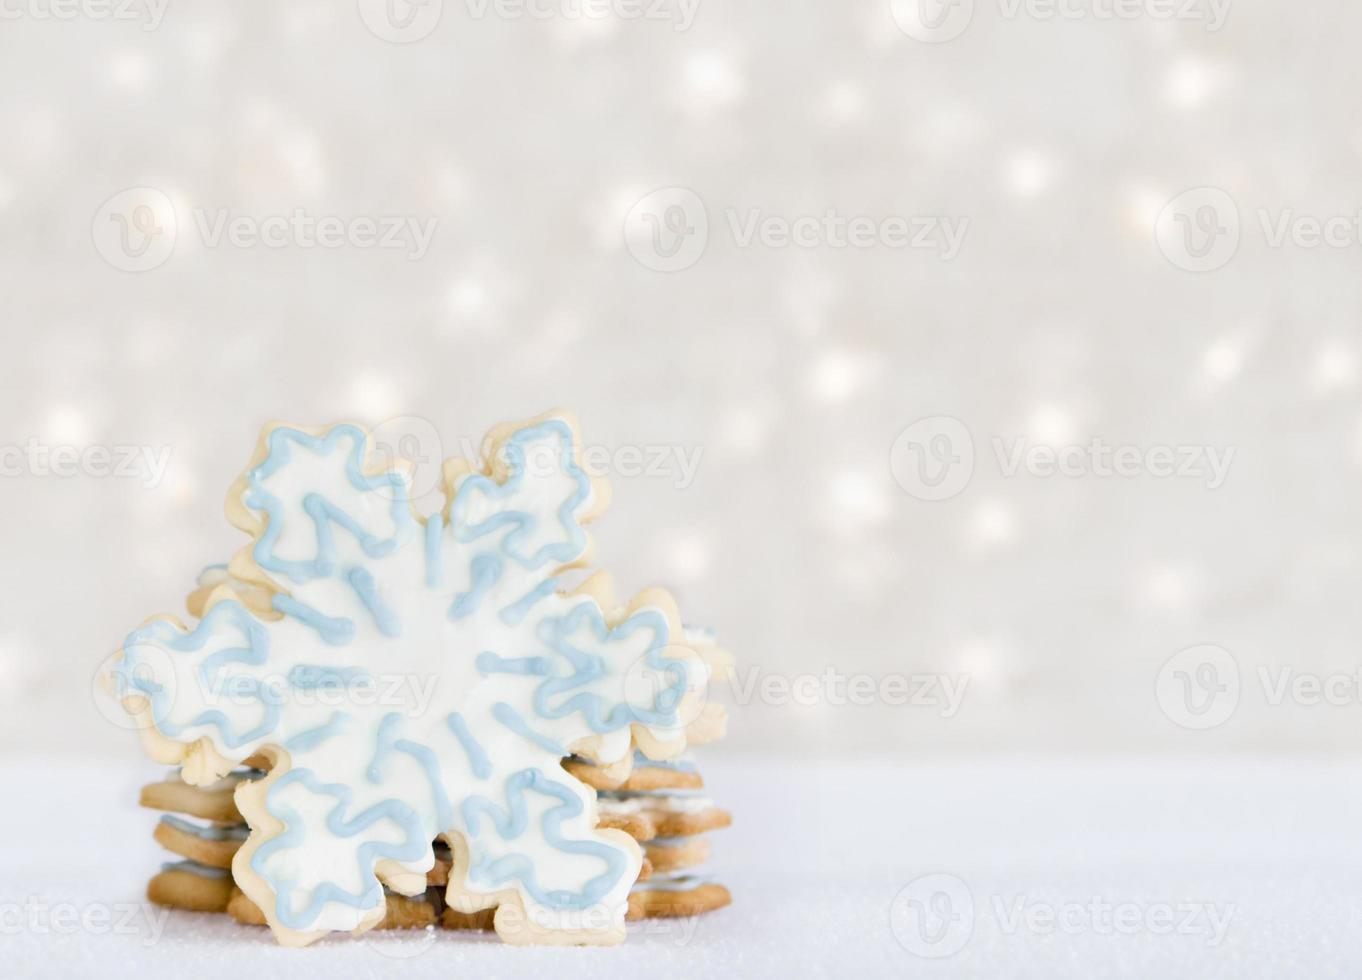 galletas de copo de nieve - convite de invierno foto